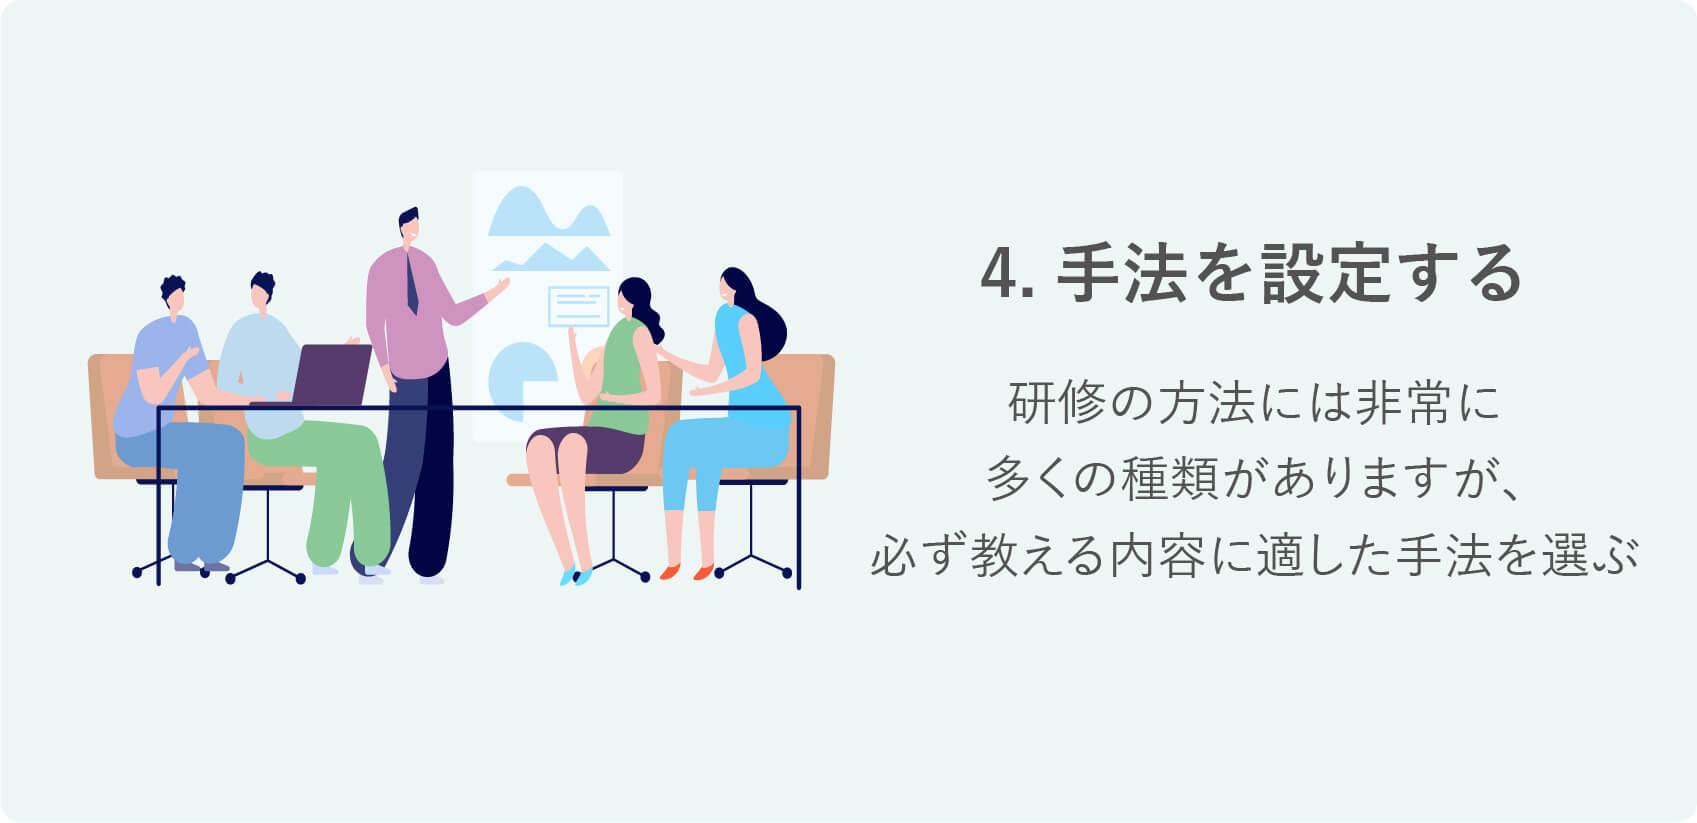 新人研修カリキュラムの作り方4